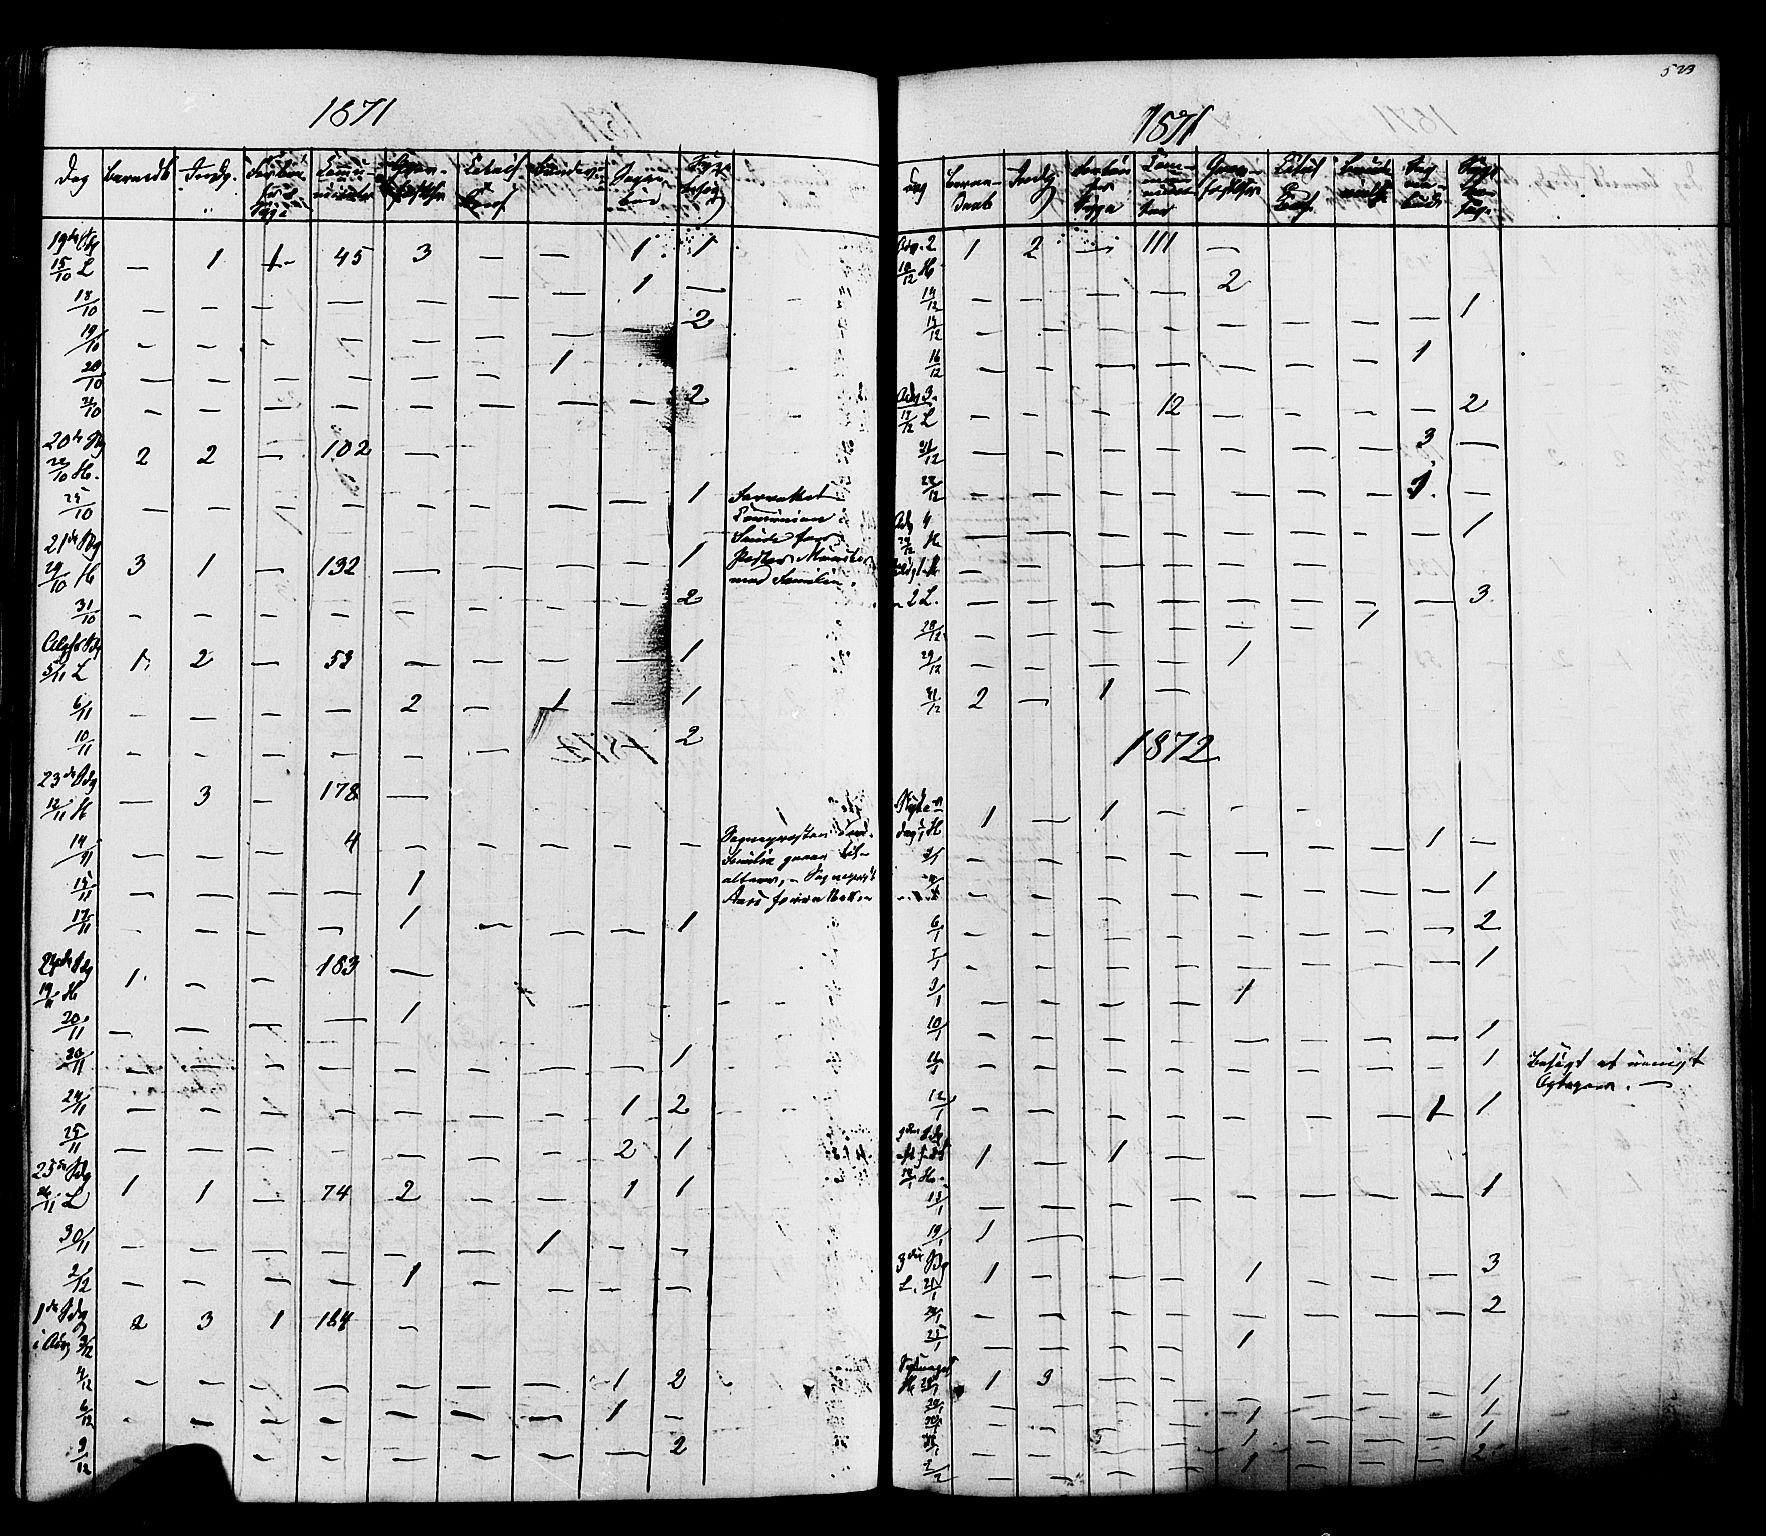 SAKO, Heddal kirkebøker, F/Fa/L0007: Ministerialbok nr. I 7, 1855-1877, s. 523